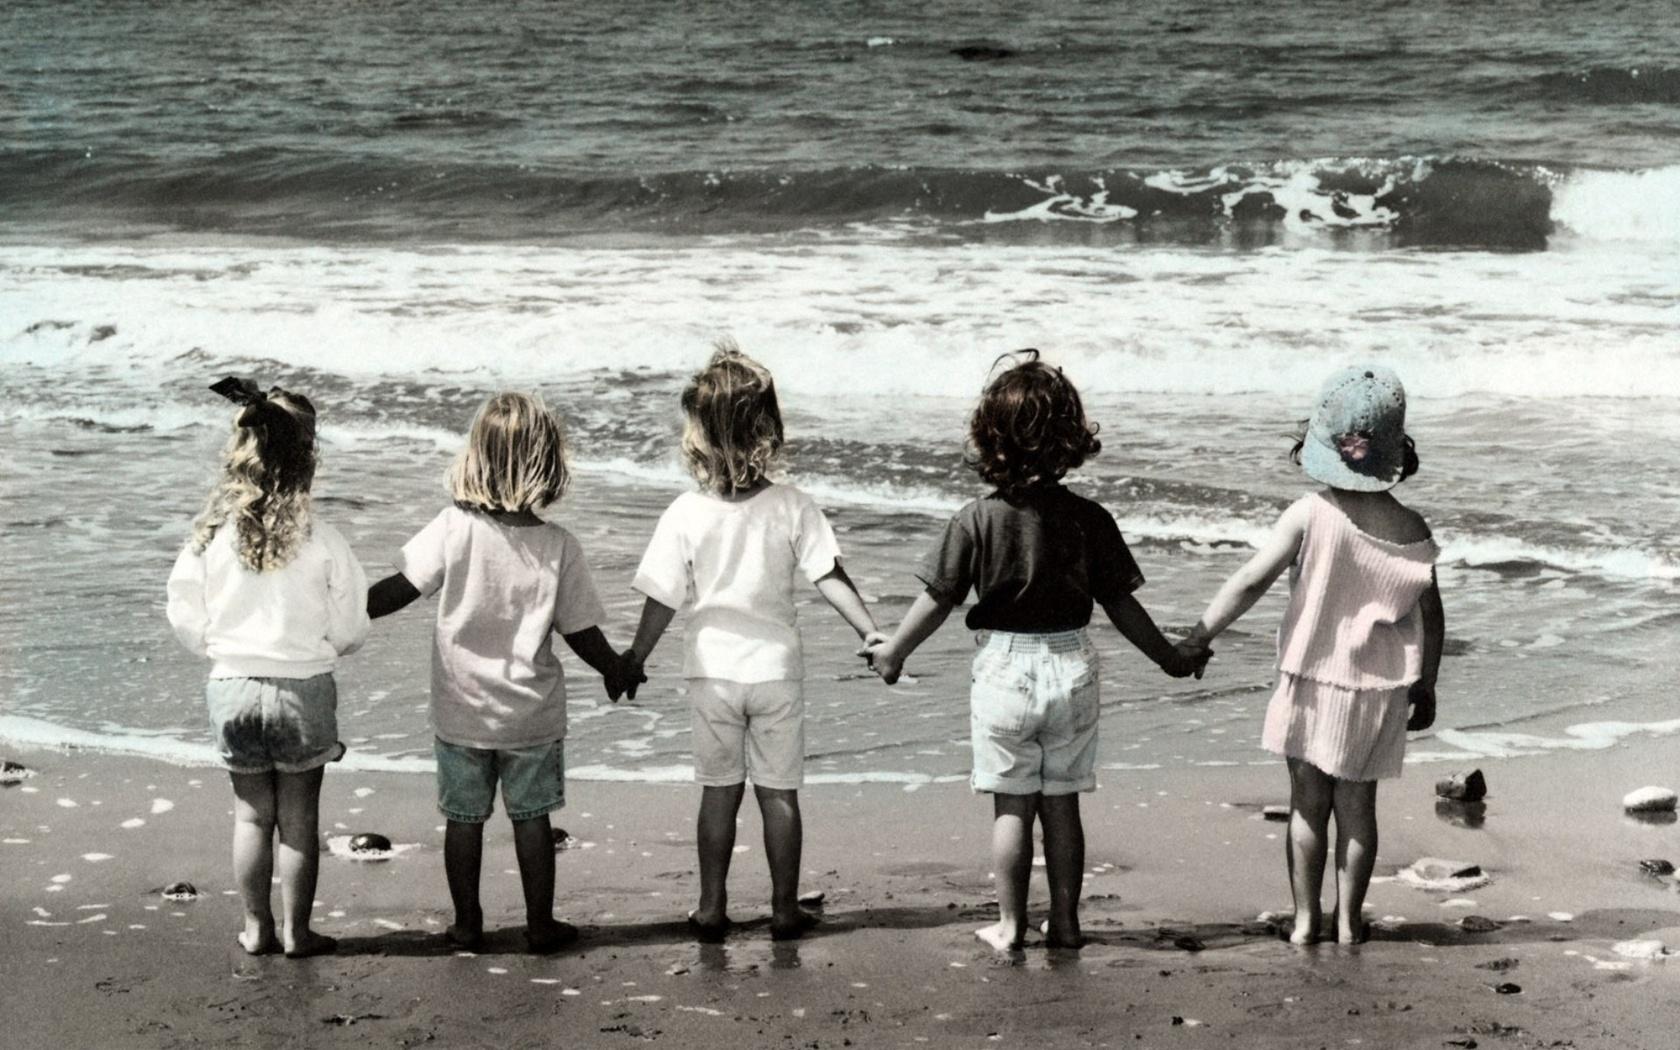 Жизнь непременно отбирает у человека друзей детства. Карлос Руис Сафон. Тень ветра